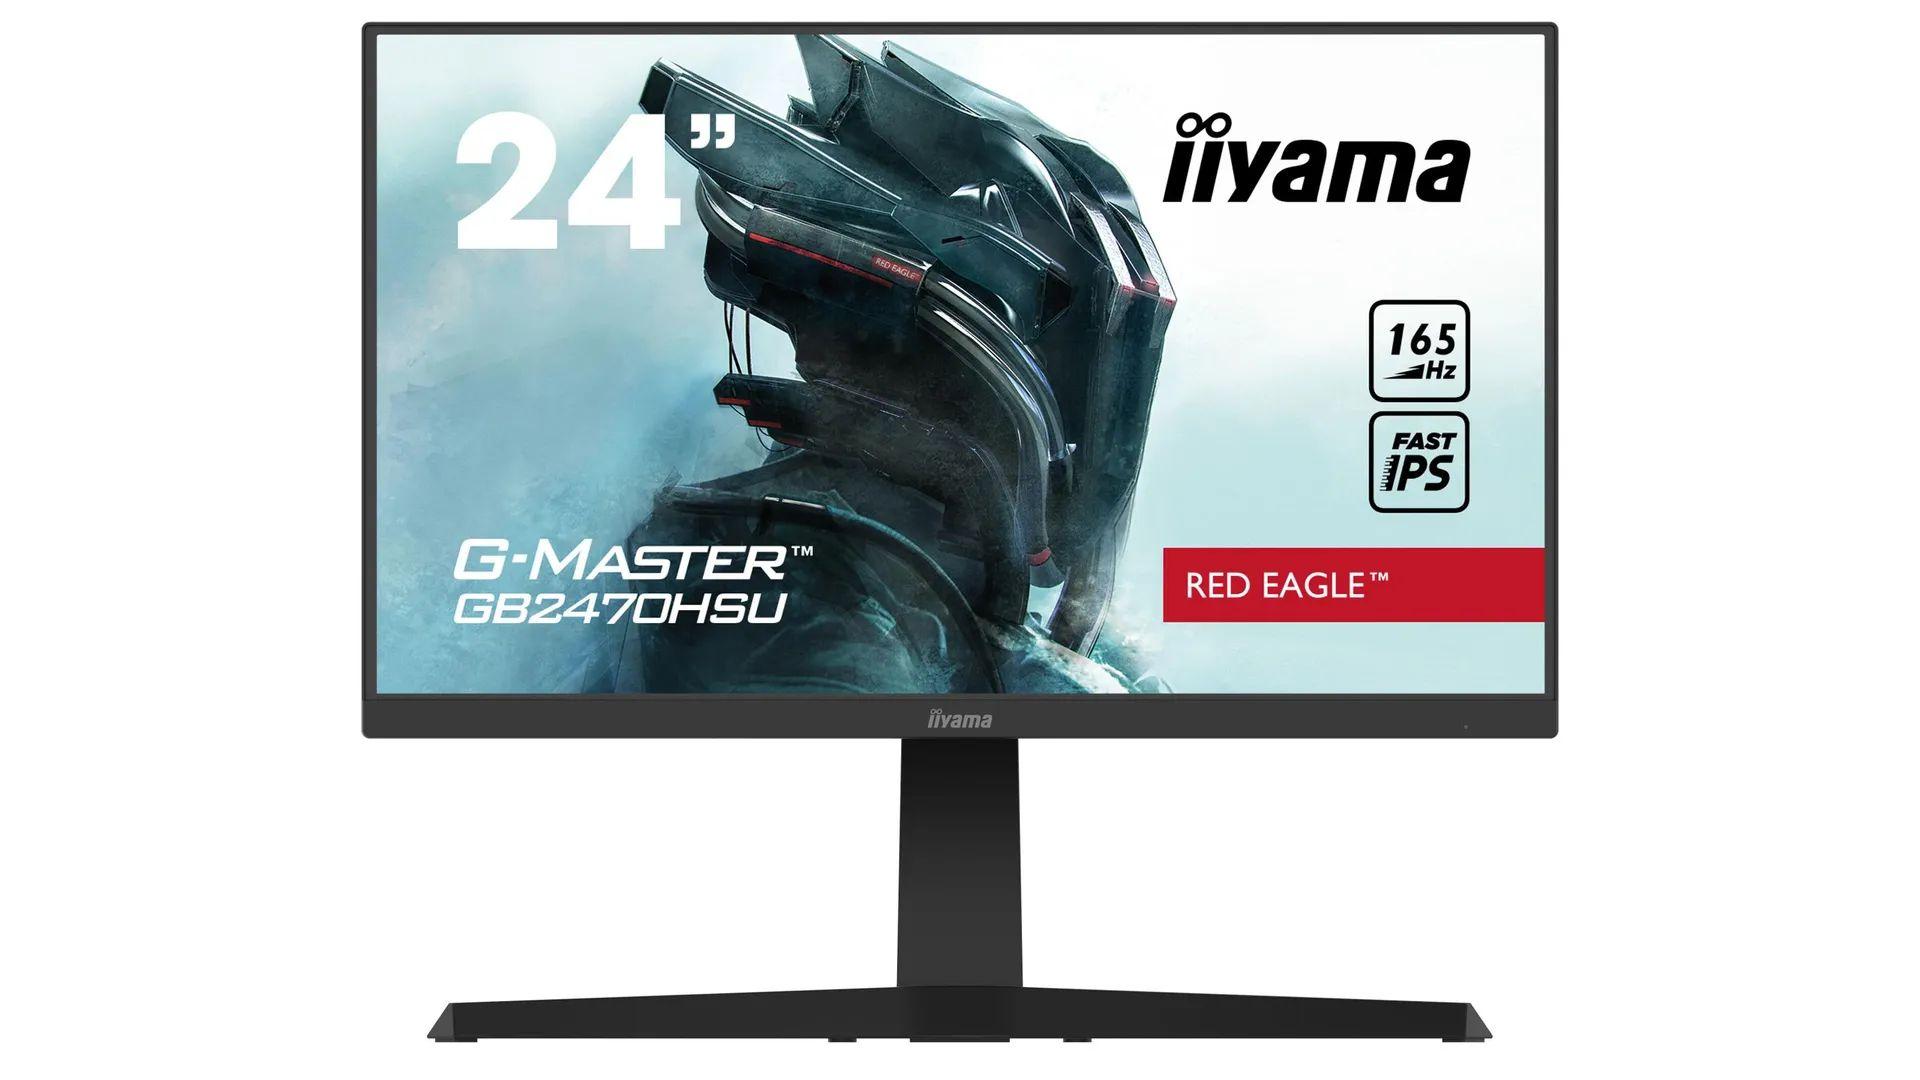 """Monitor IIYAMA 23,8"""" G-Master GB2470HSU-B1 165hz fast IPS 0.8ms"""